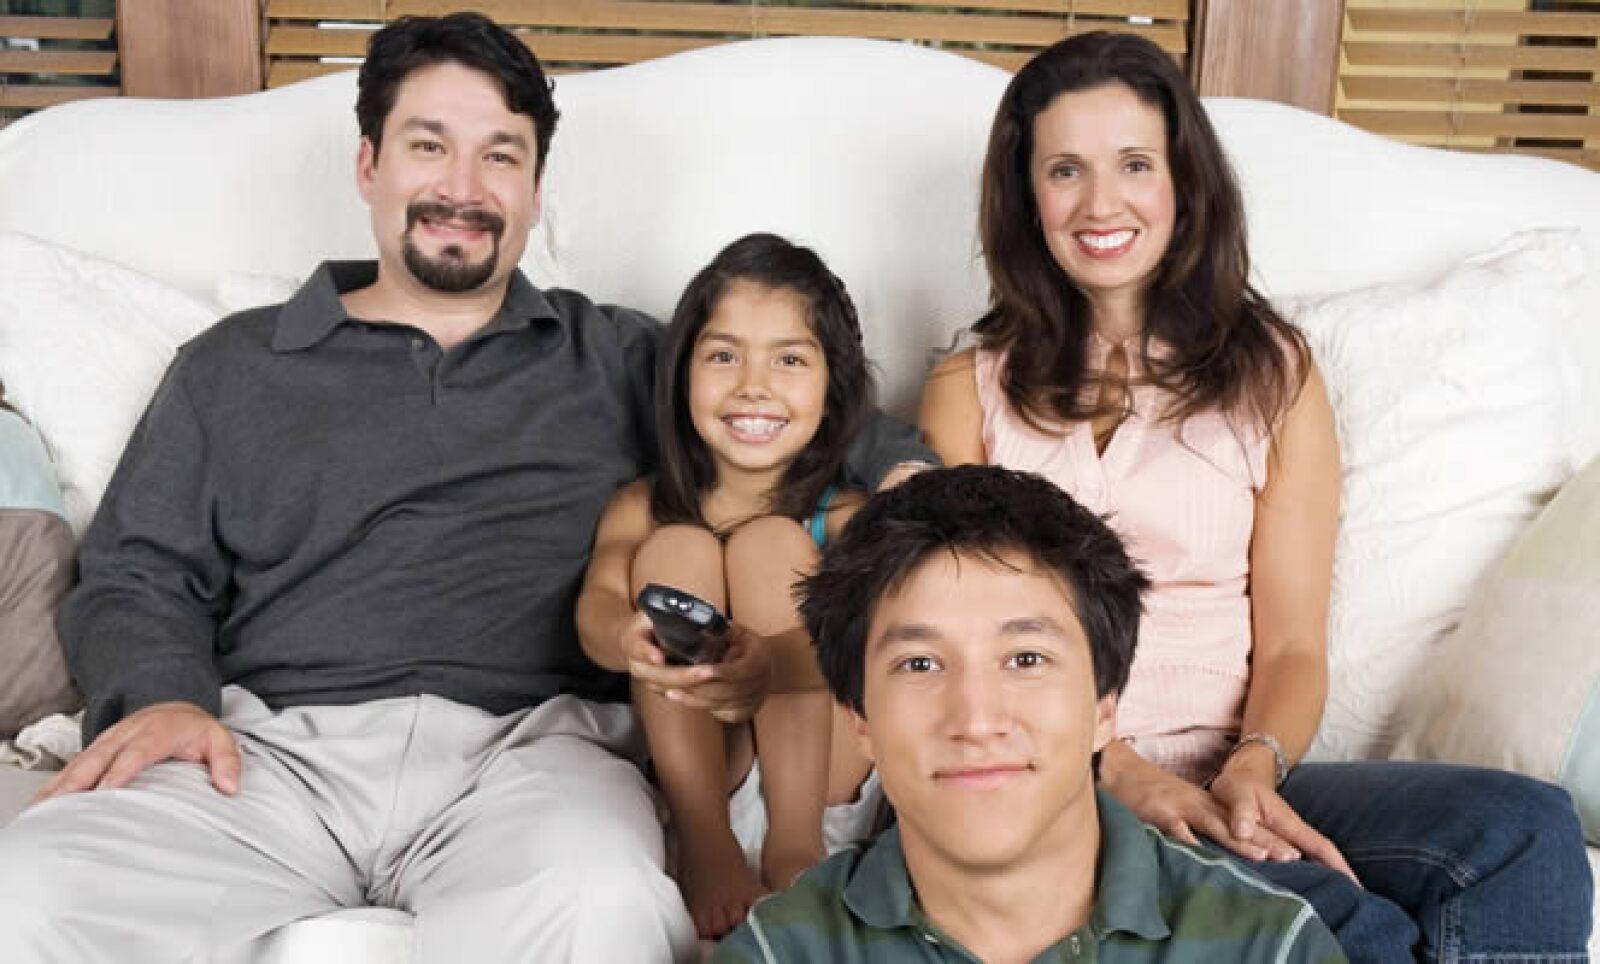 El 97% de los hogares hispanos en Estados Unidos ve programación de Univisión.